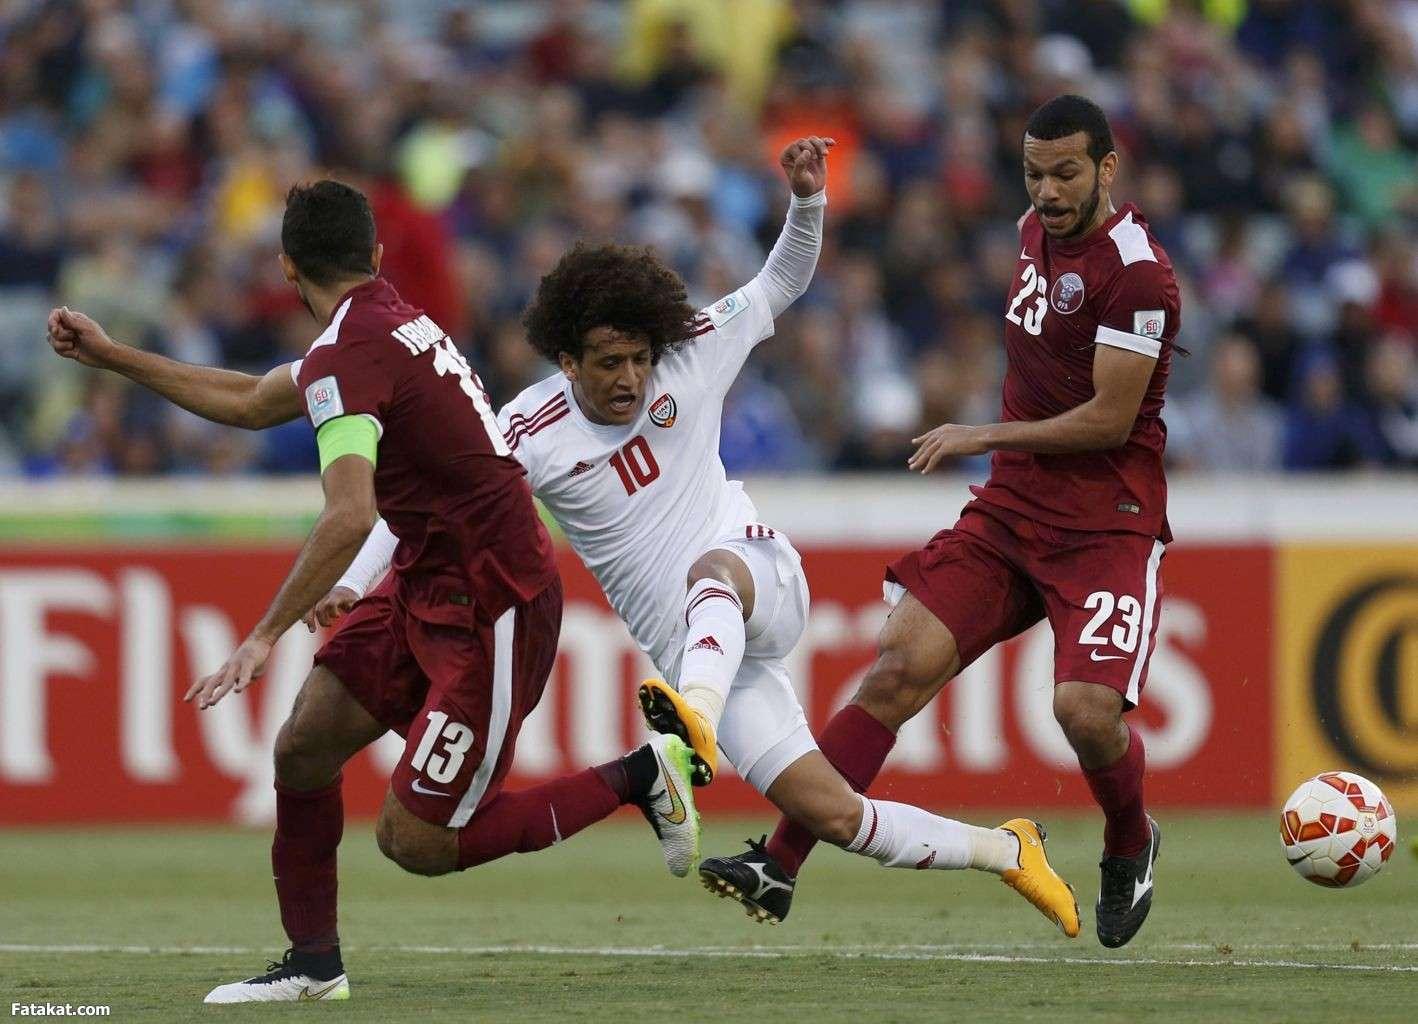 مباراة الامارات وقطر اليوم 29-01-2019 كاس اسيا